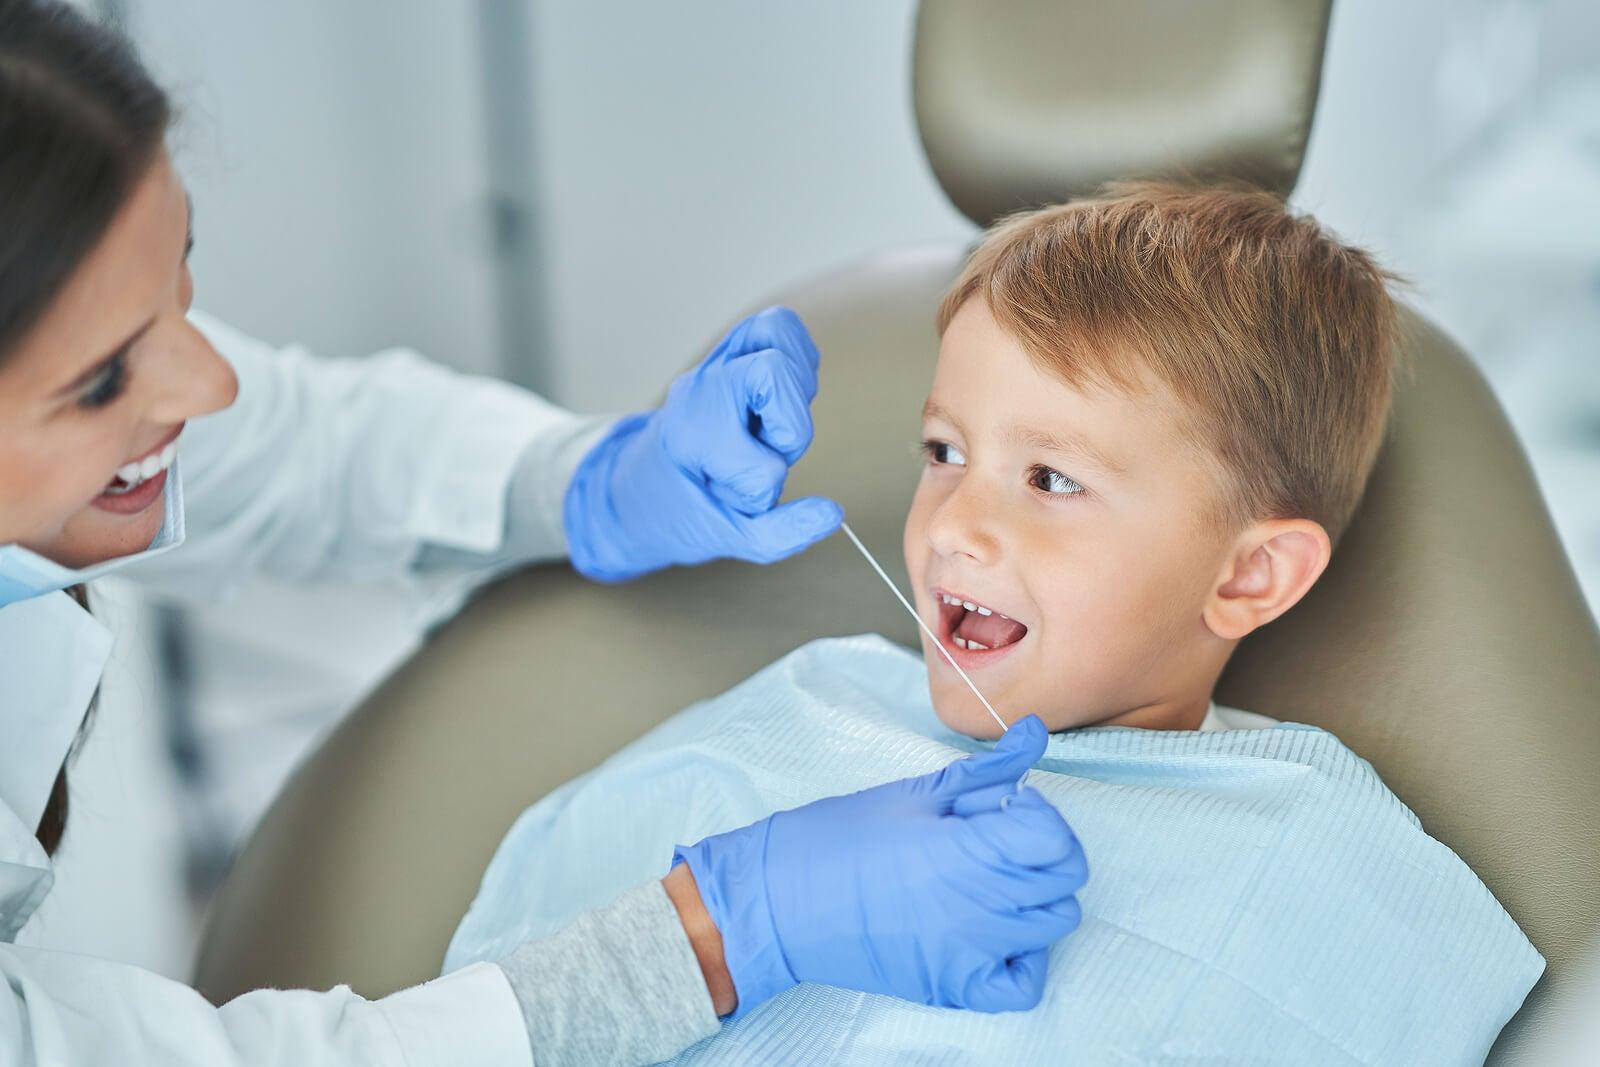 Que los niños no tengan que usar el hilo dental es uno de los mitos sobre las caries infantiles.